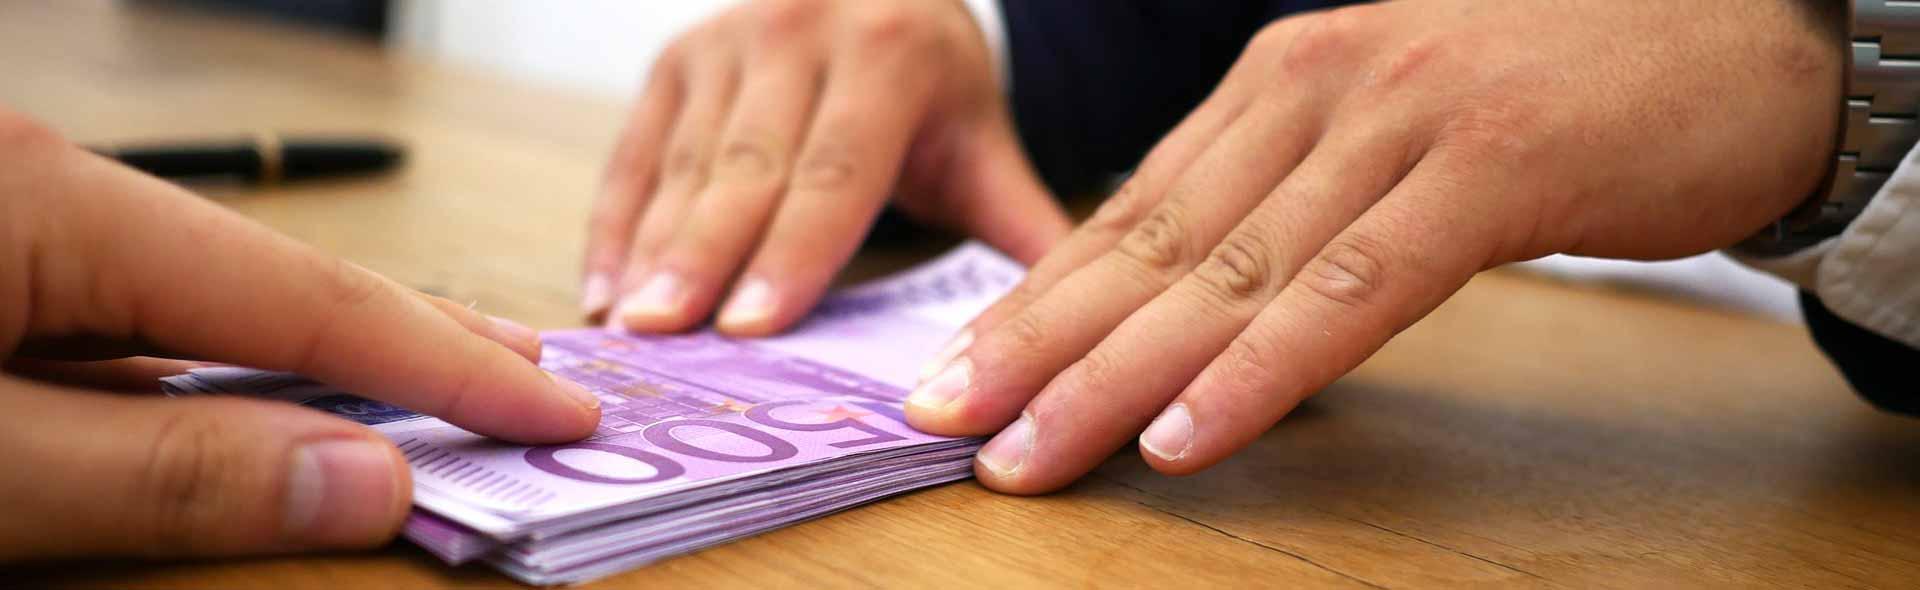 Finanzierung-Darlehen